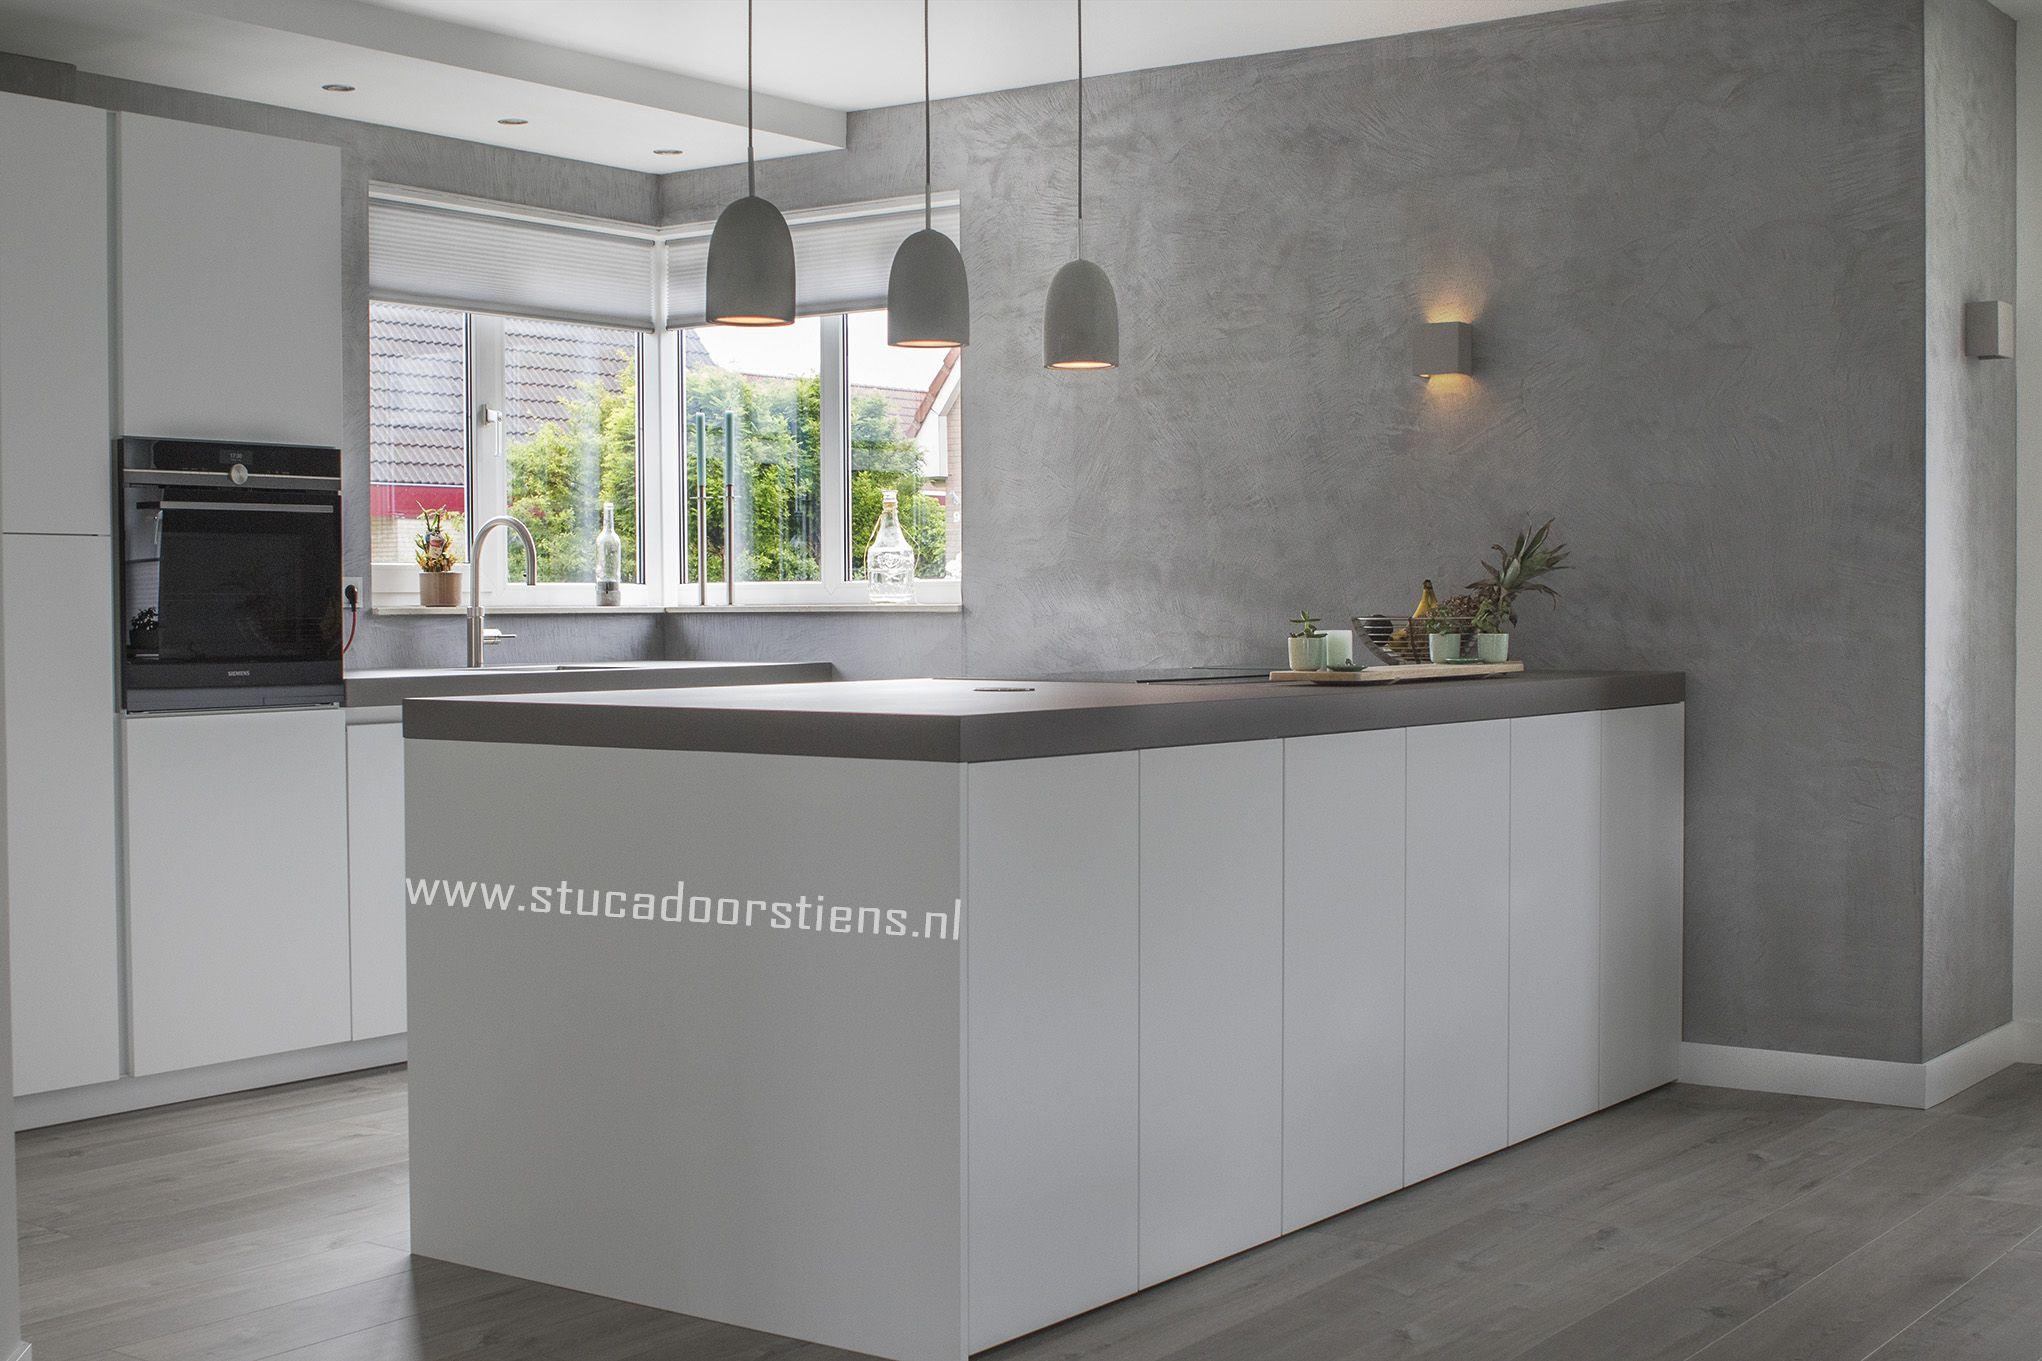 Keuken Renoveren Friesland : Betoncire in op een keuken wand in meer dan kleuren